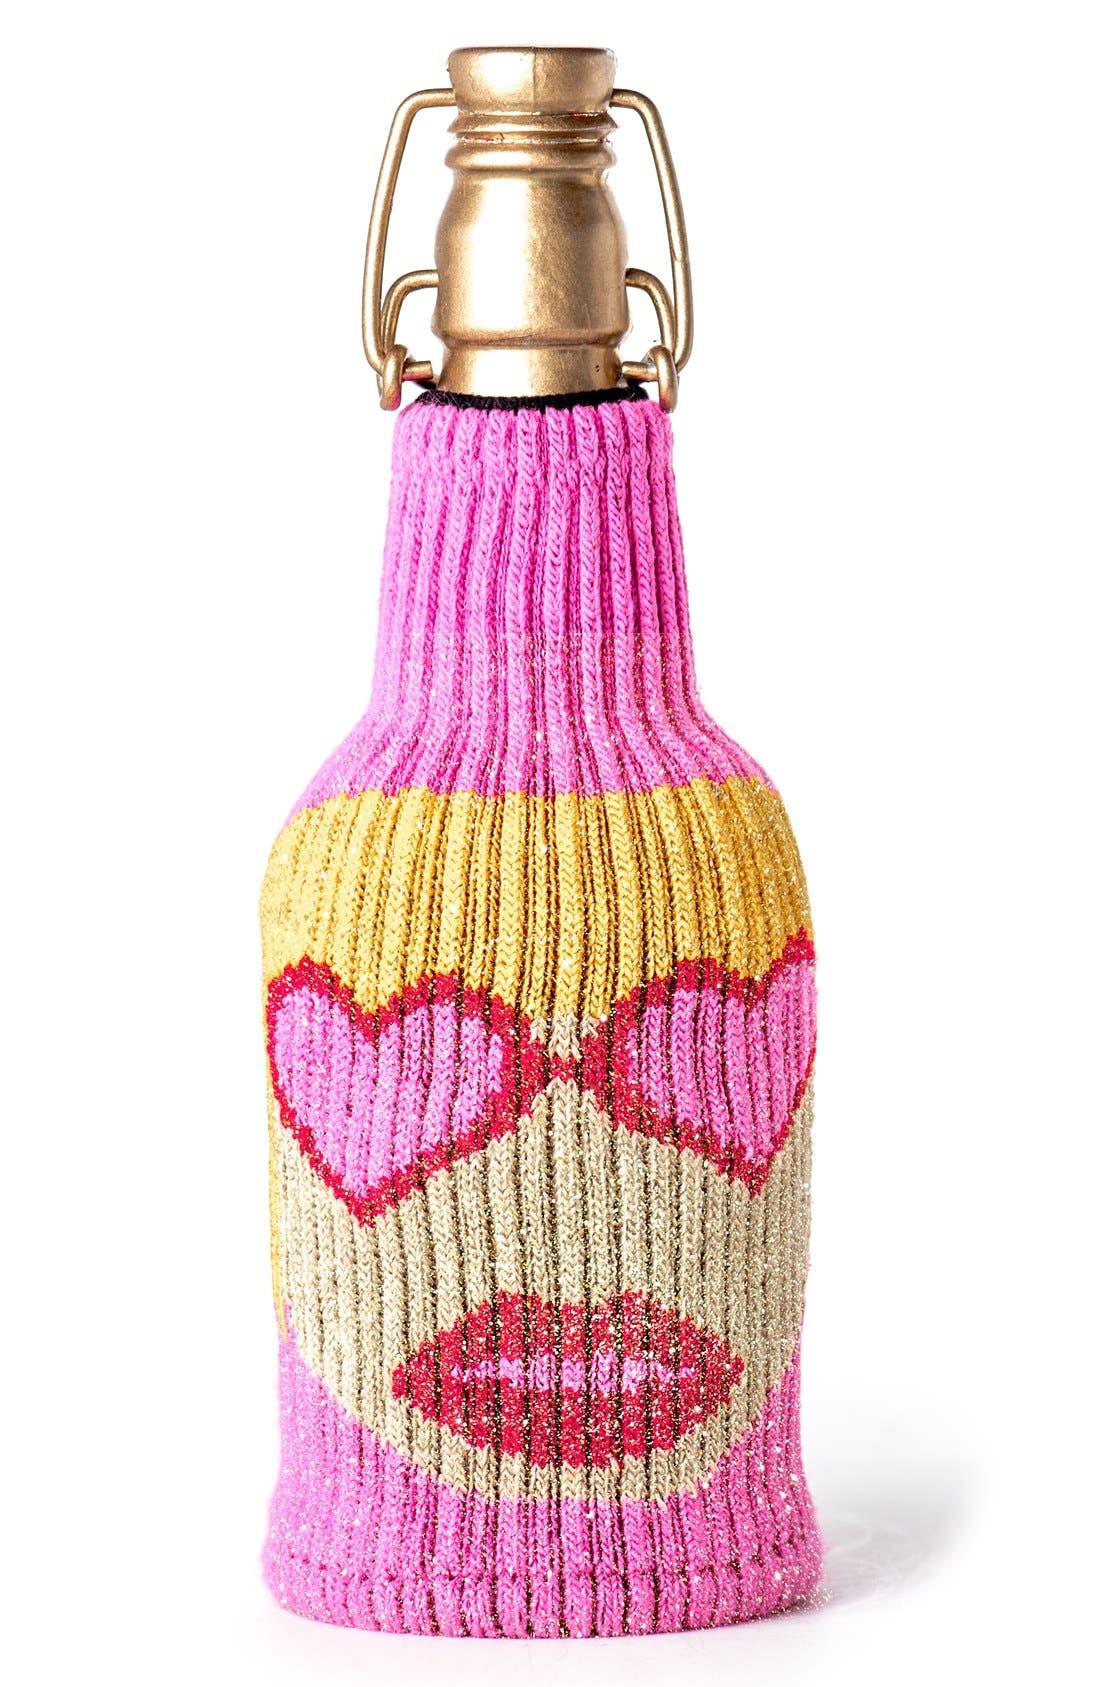 Alternate Image 1 Selected - Freaker 'Doll Face' Bottle Insulator